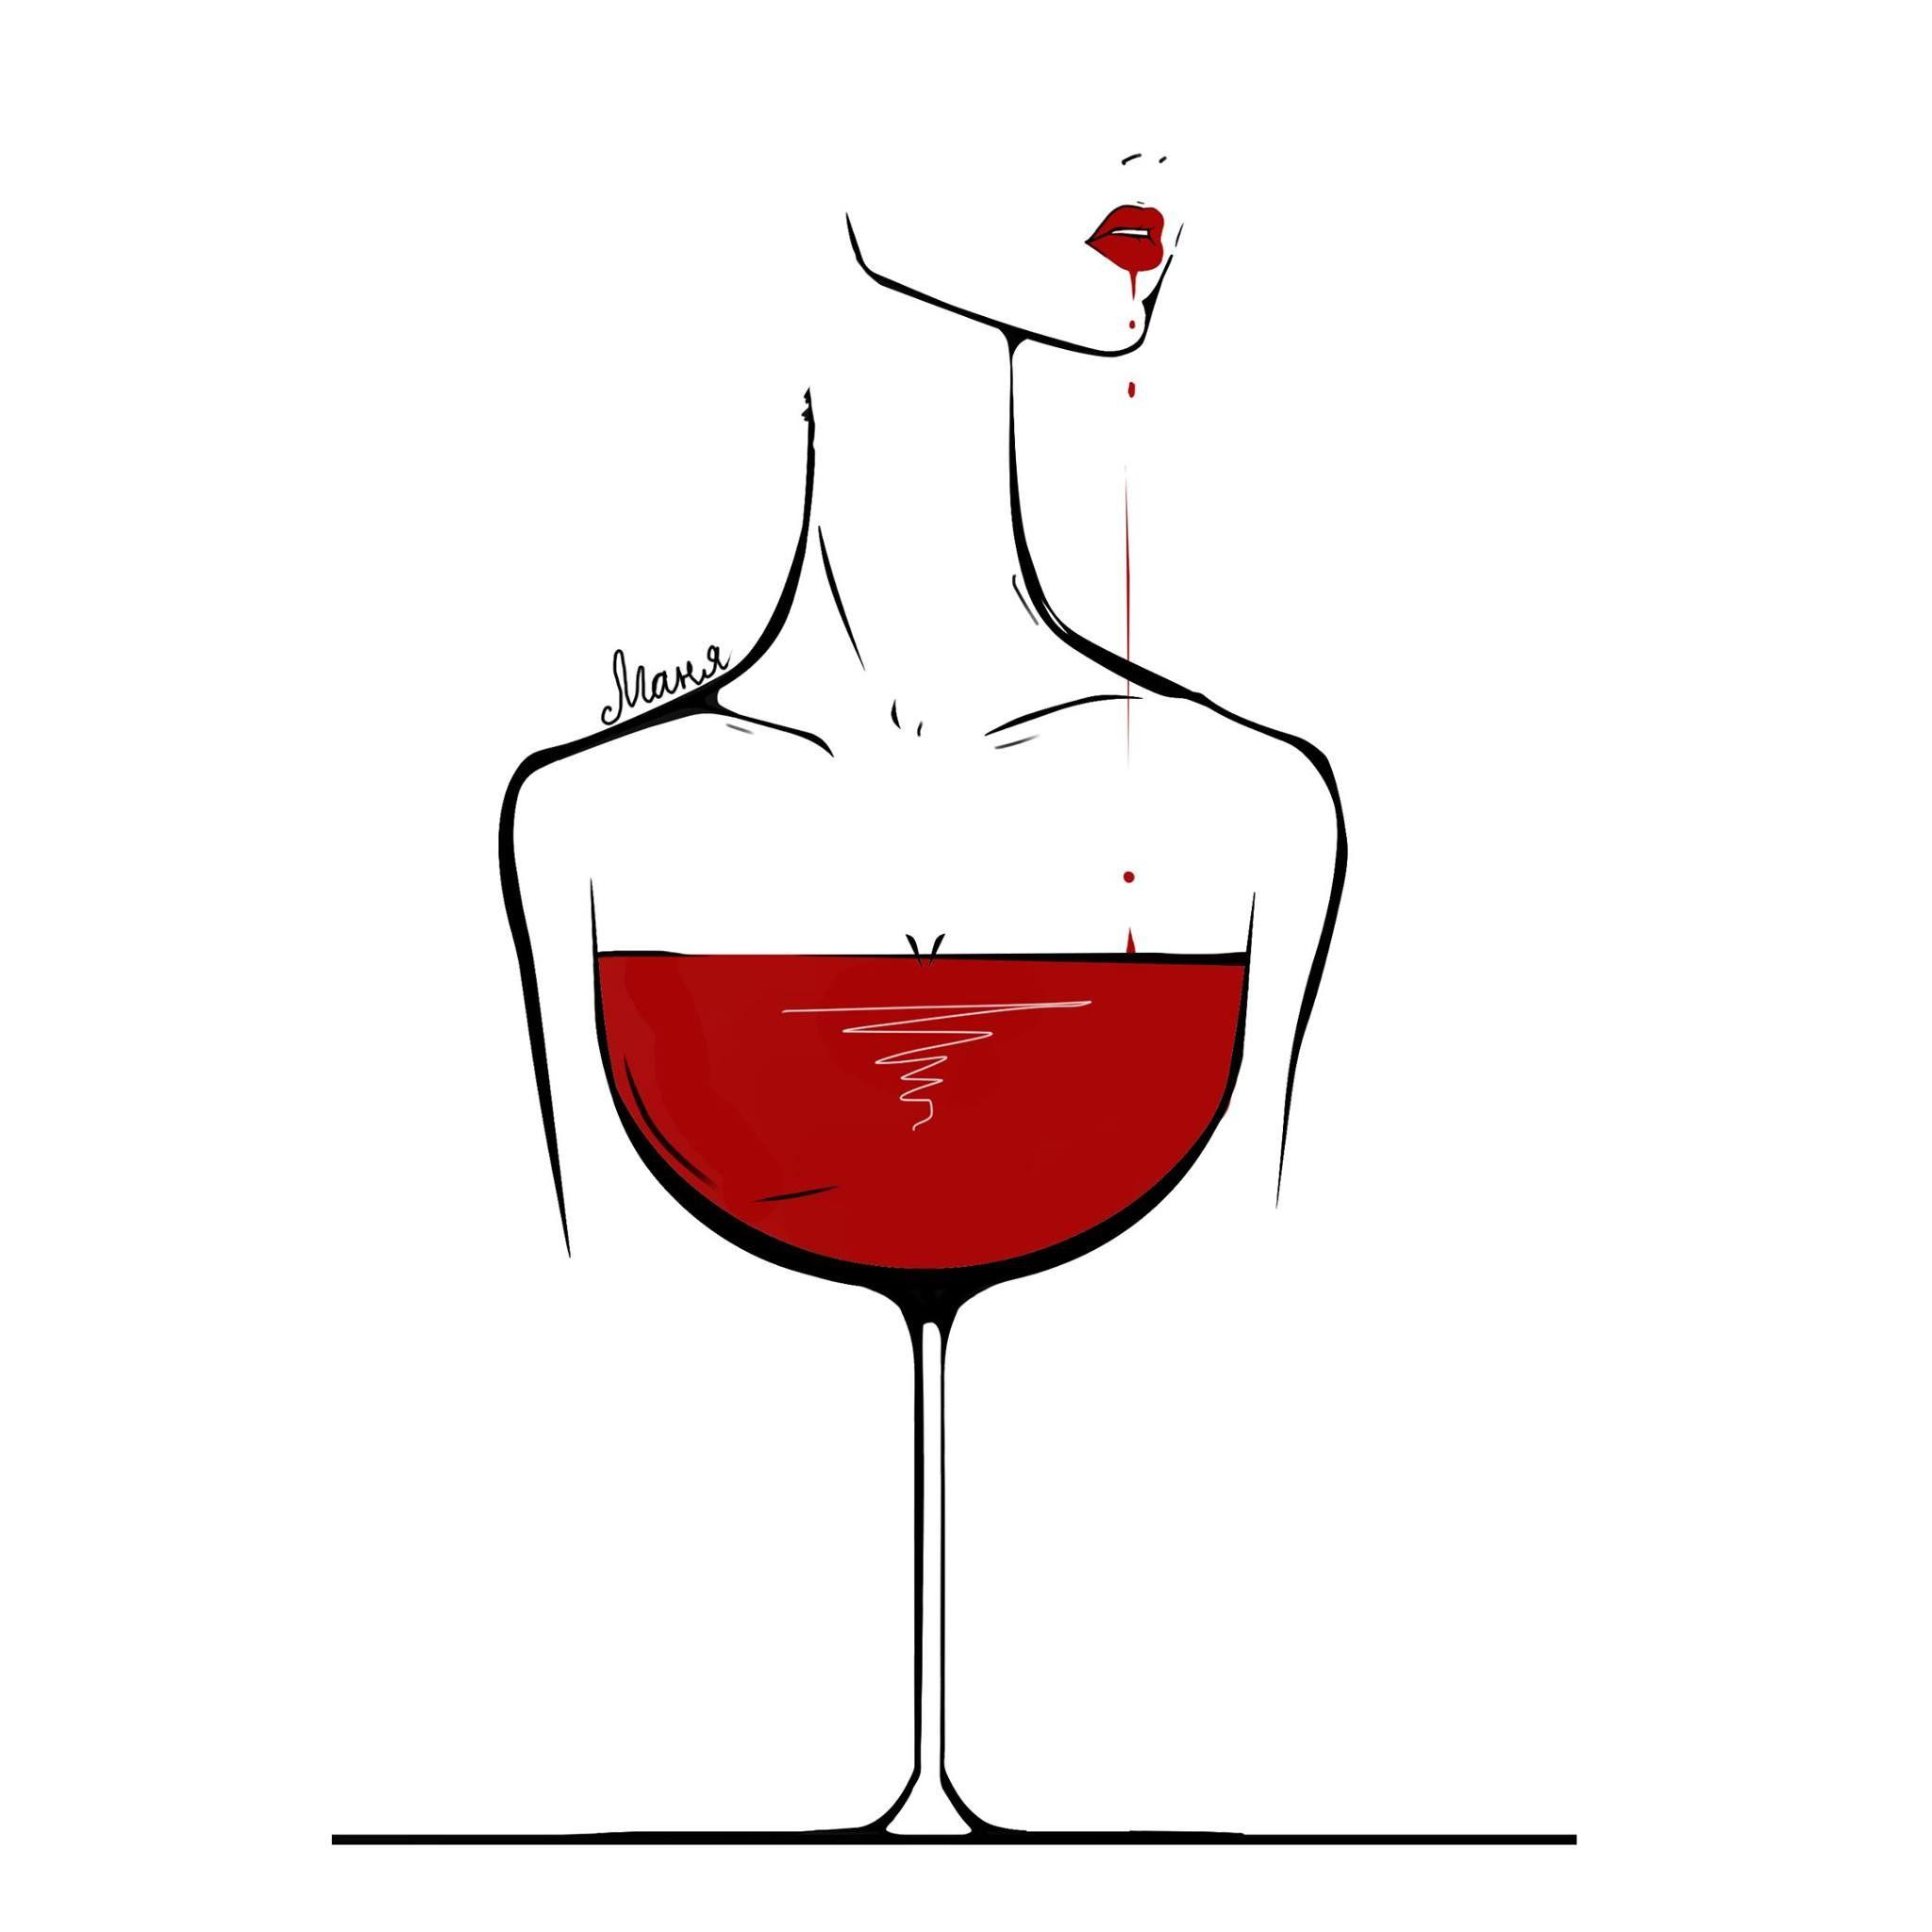 Pin By Artur Kopanko On Art Wine Art Line Art Drawings Wine Glass Art